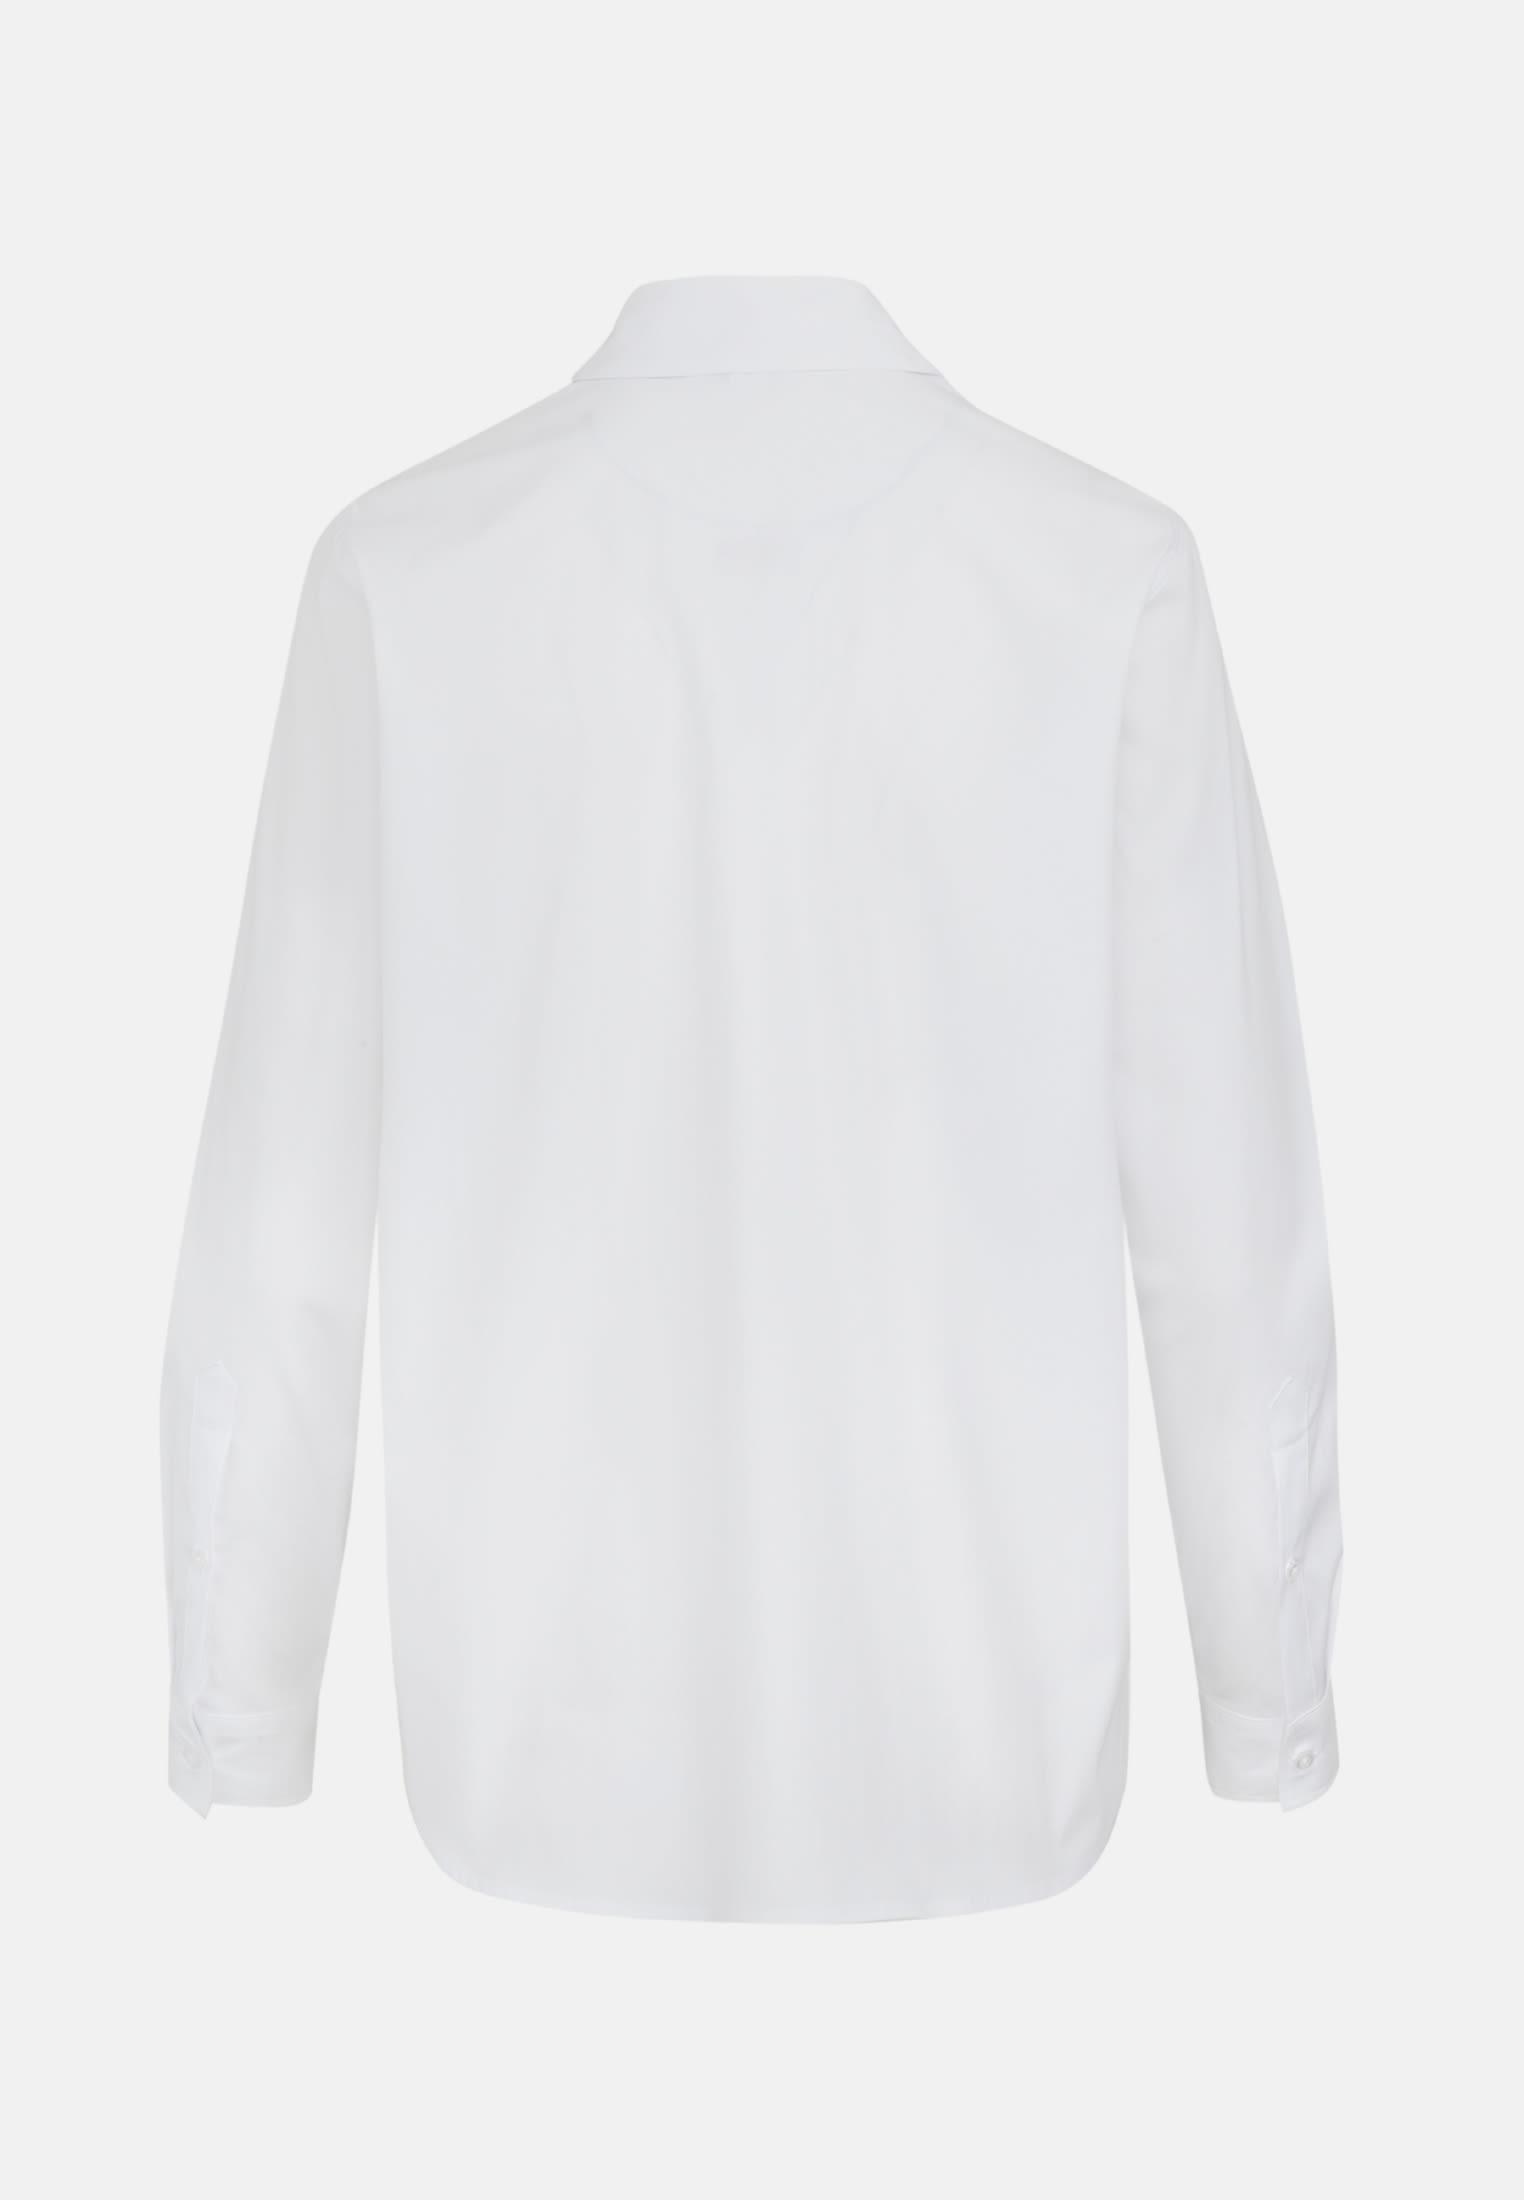 Popeline Hemdbluse aus 81% Baumwolle 16% Polyamid/Nylon 3% Elastan in Weiß |  Seidensticker Onlineshop